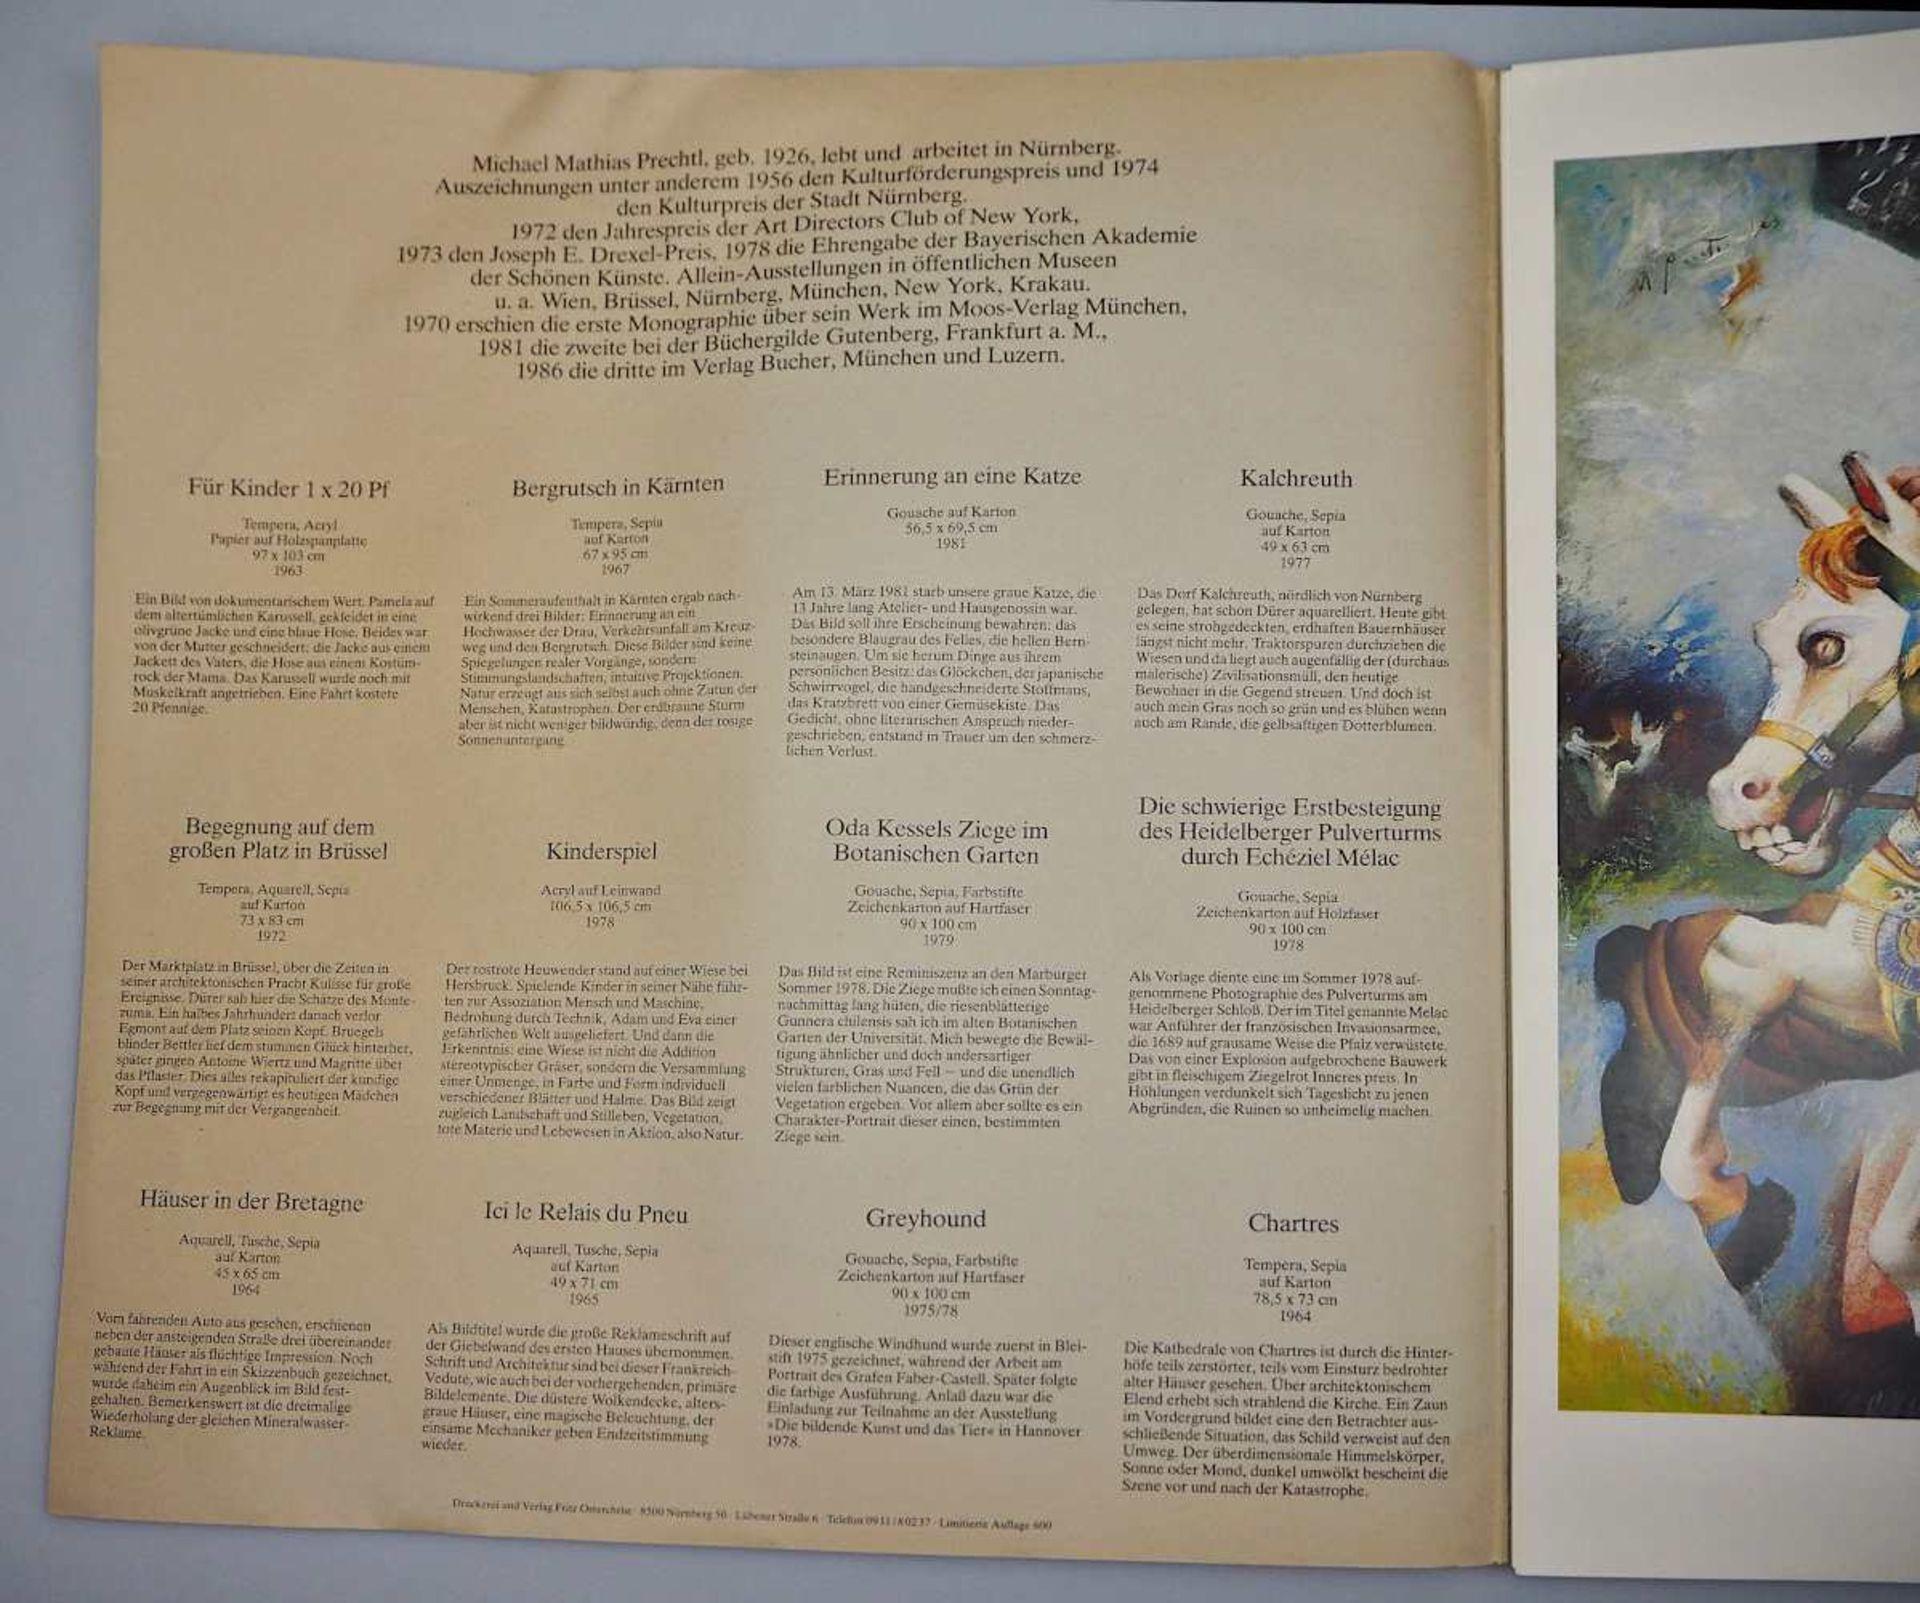 1 Sammlung Kunstbücher mit dem Schwerpunkt Michael Mathias PRECHTL (wohl 1926-2003) z.T. mit Or - Bild 3 aus 11